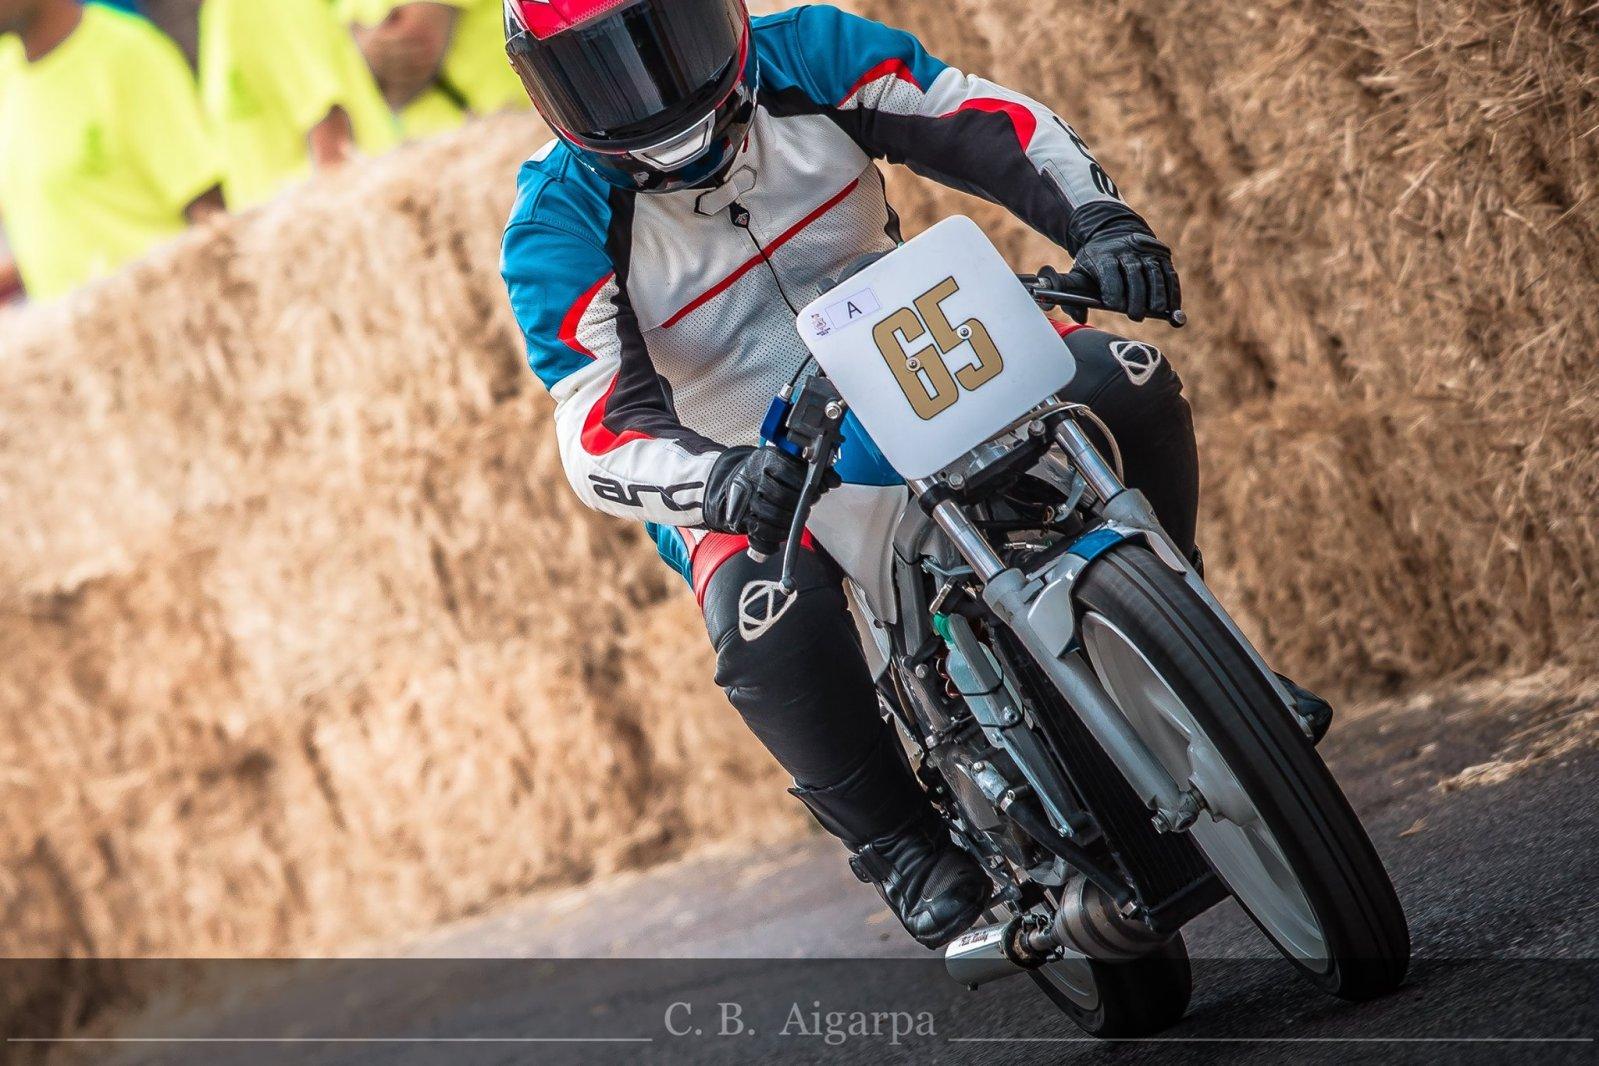 Proyecto Suzuki RG 125 de competición 1s1raq